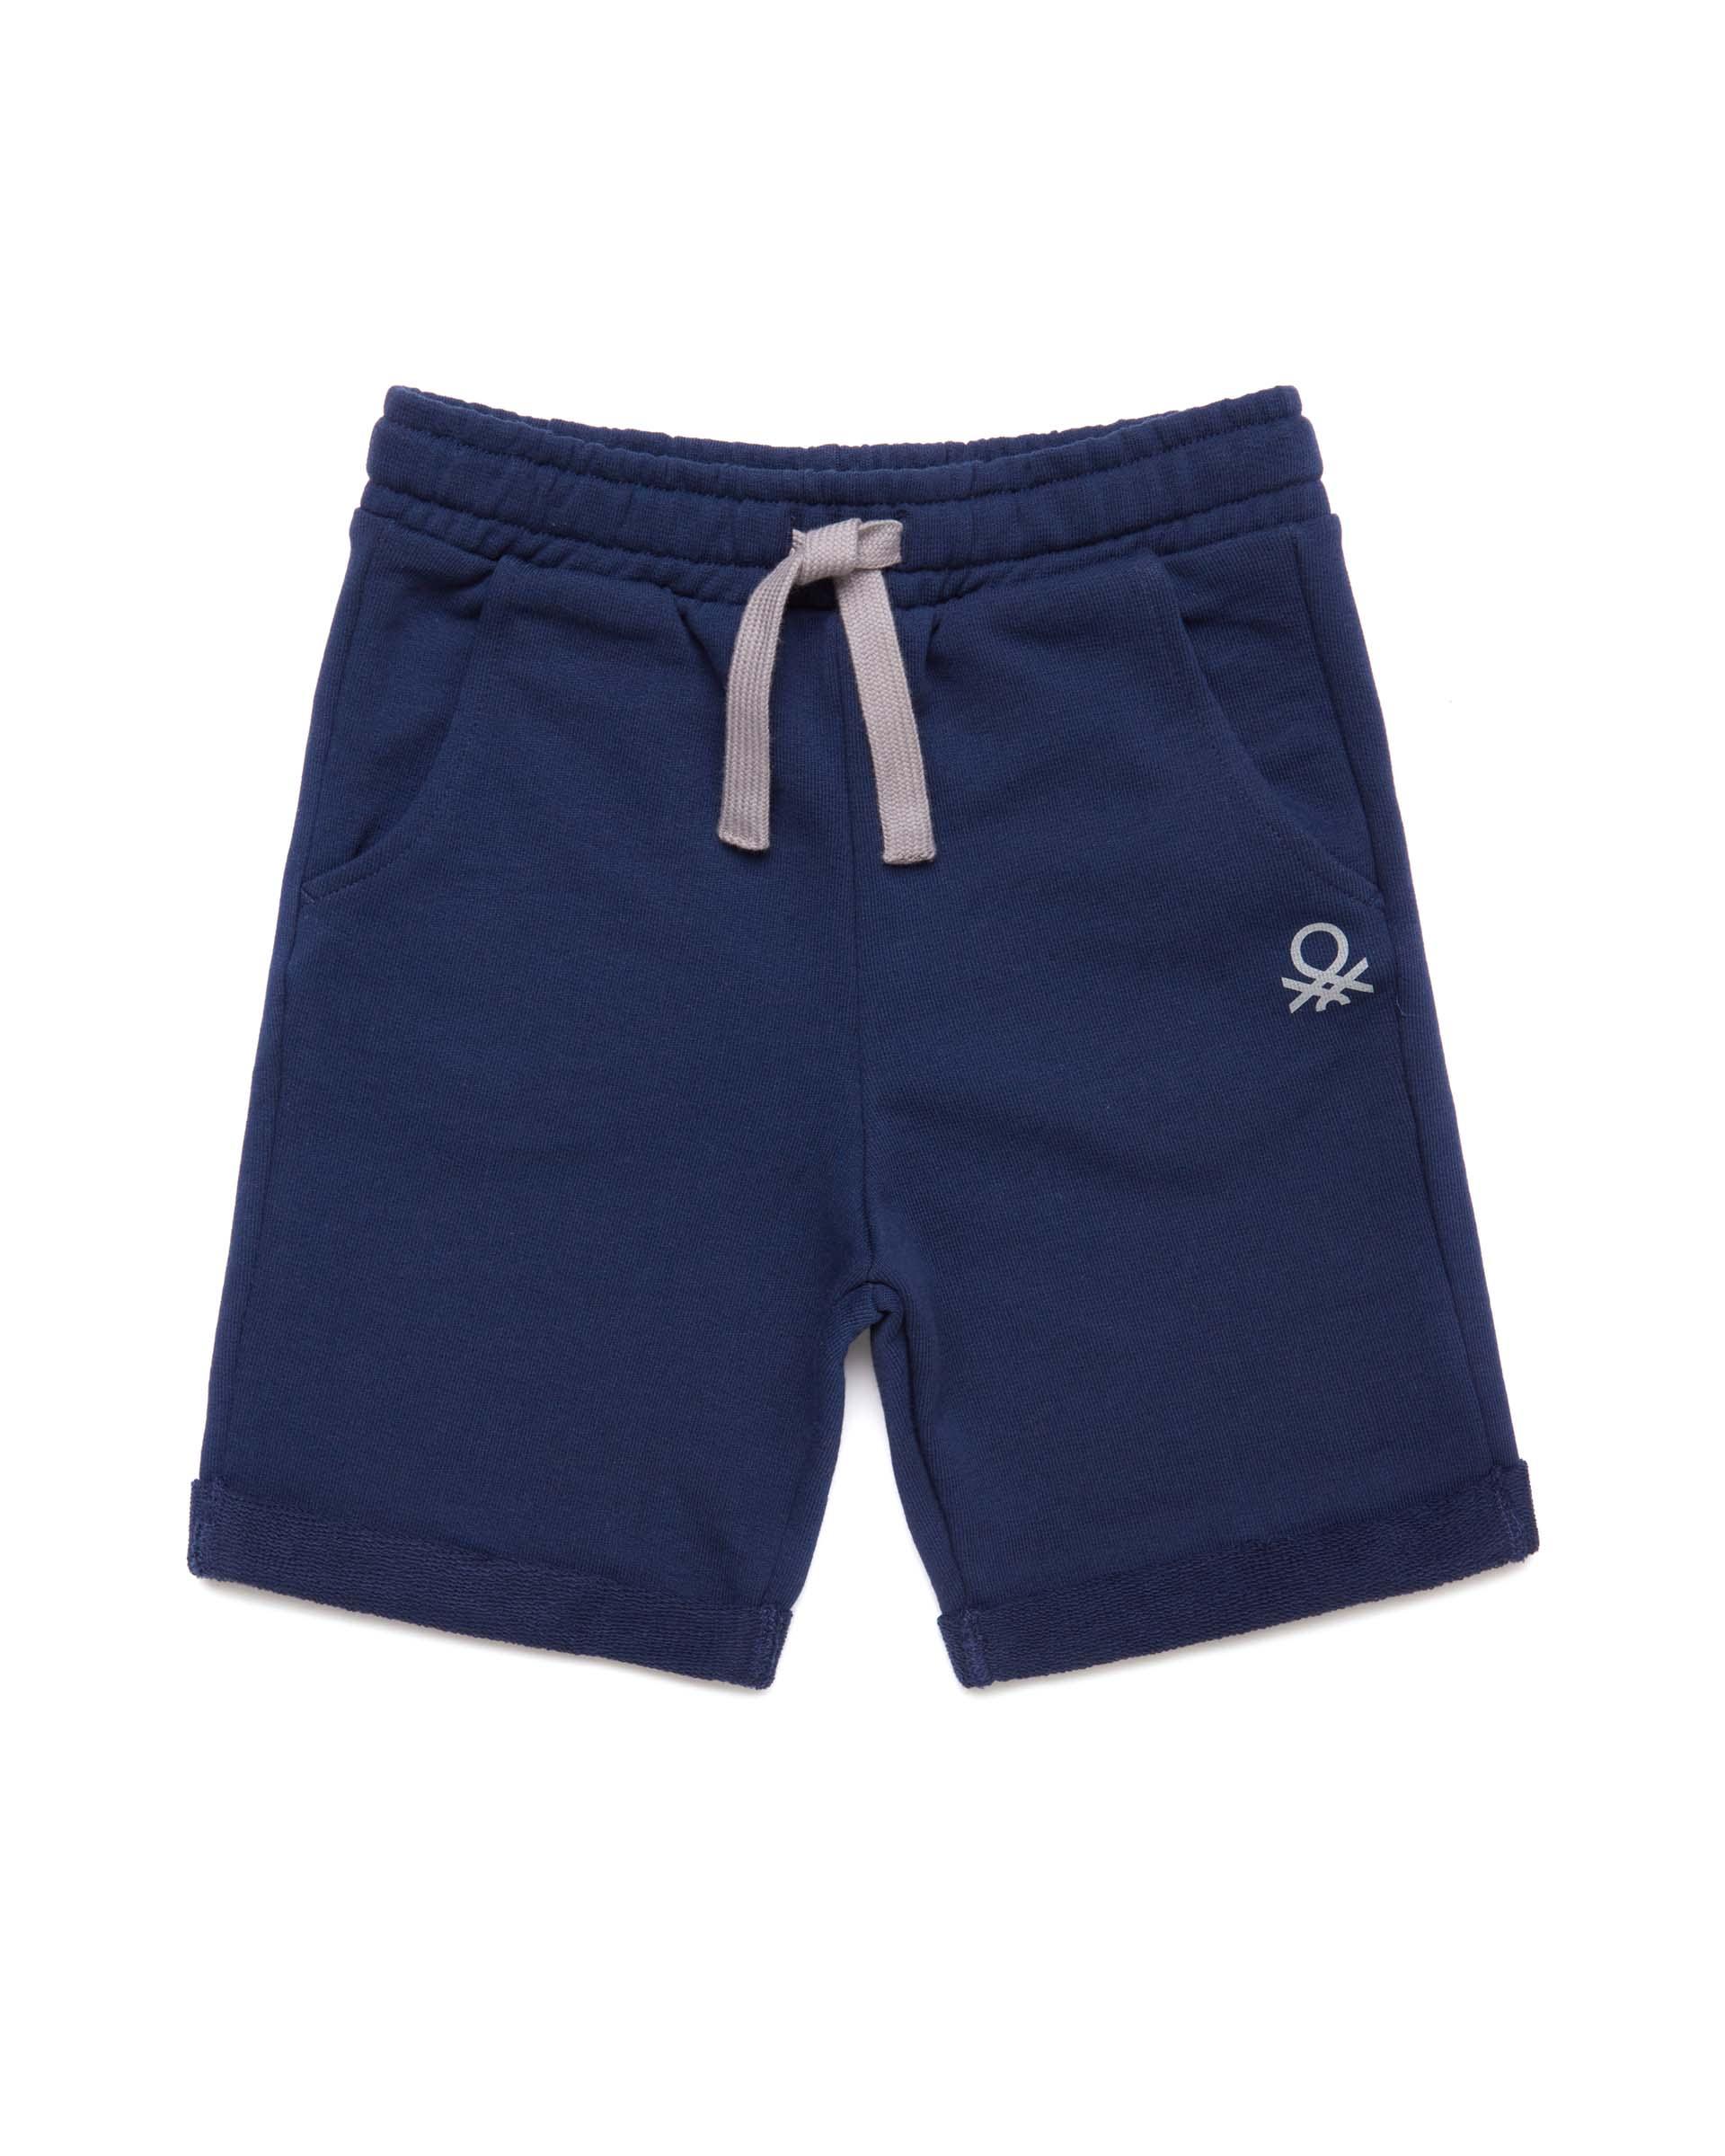 Купить 20P_3J68I0638_252, Спортивные шорты для мальчиков Benetton 3J68I0638_252 р-р 128, United Colors of Benetton, Шорты для мальчиков